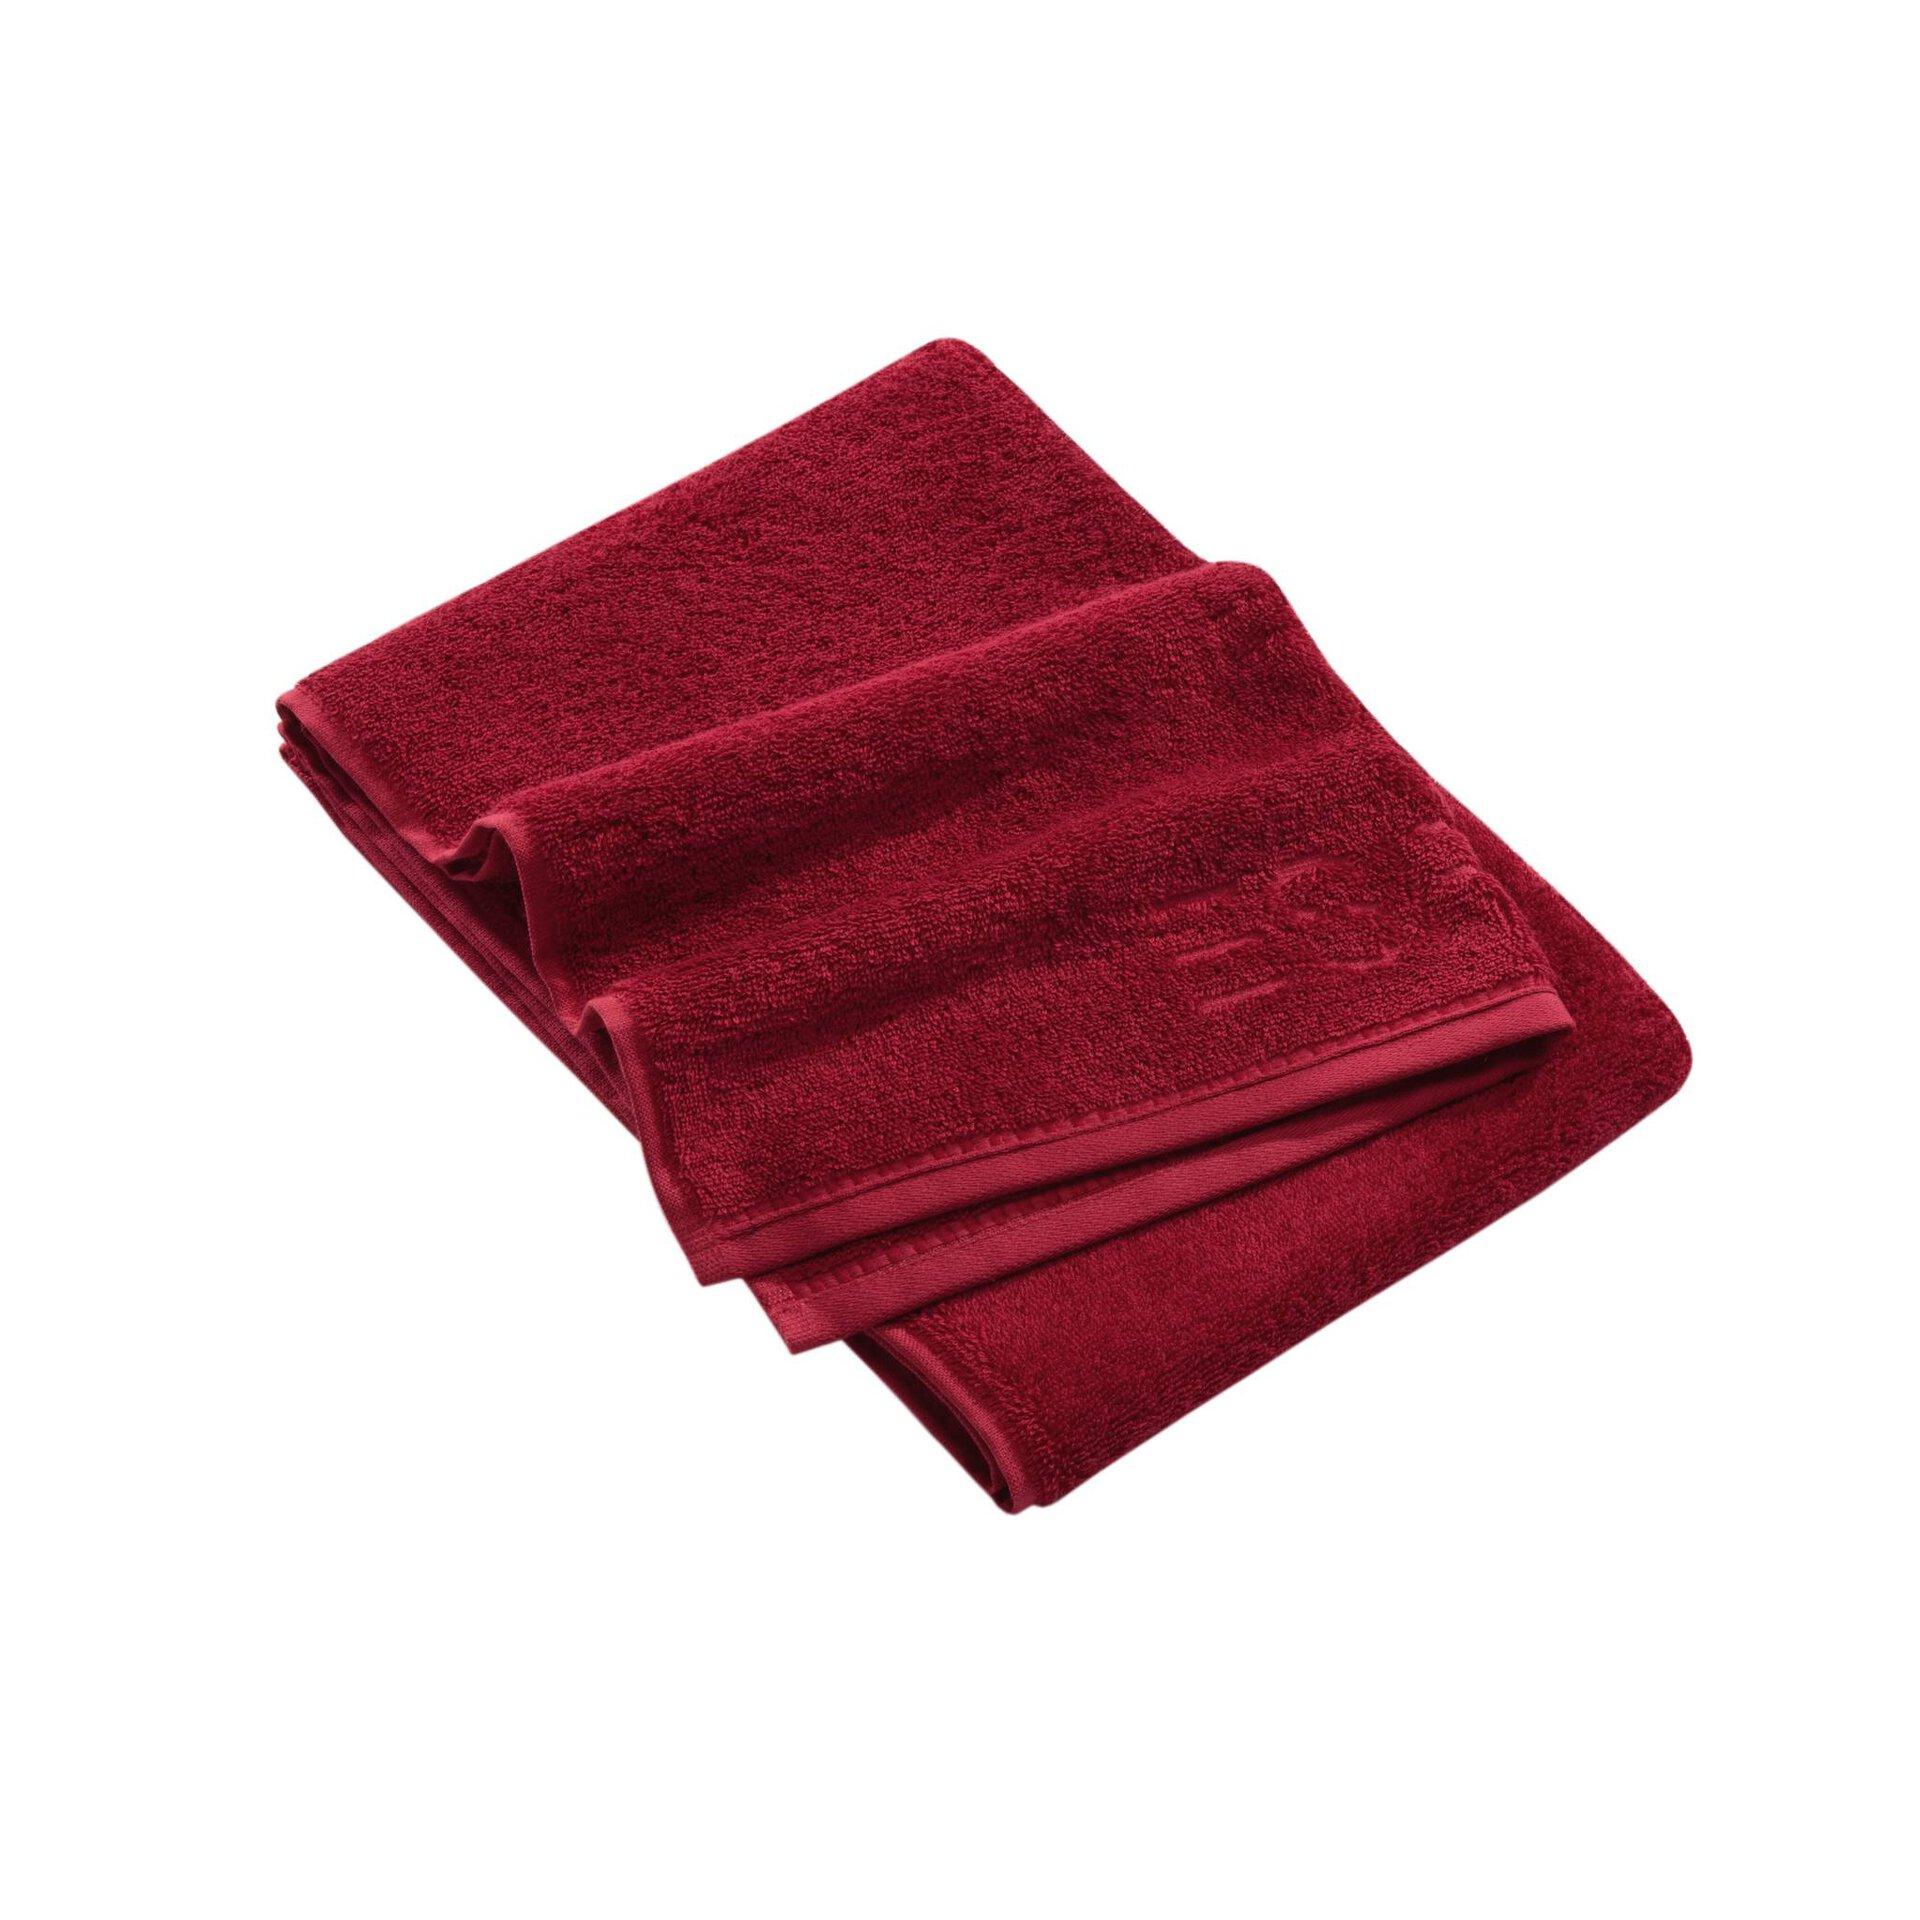 Waschhandschuh Modern Solid Esprit Textil 16 x 22 cm